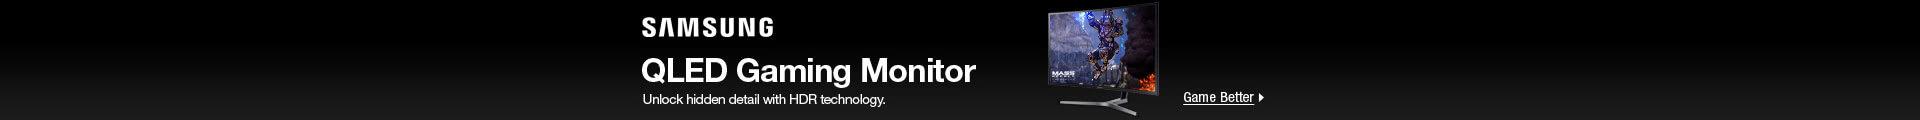 Samsung — QLED Gaming Monitor